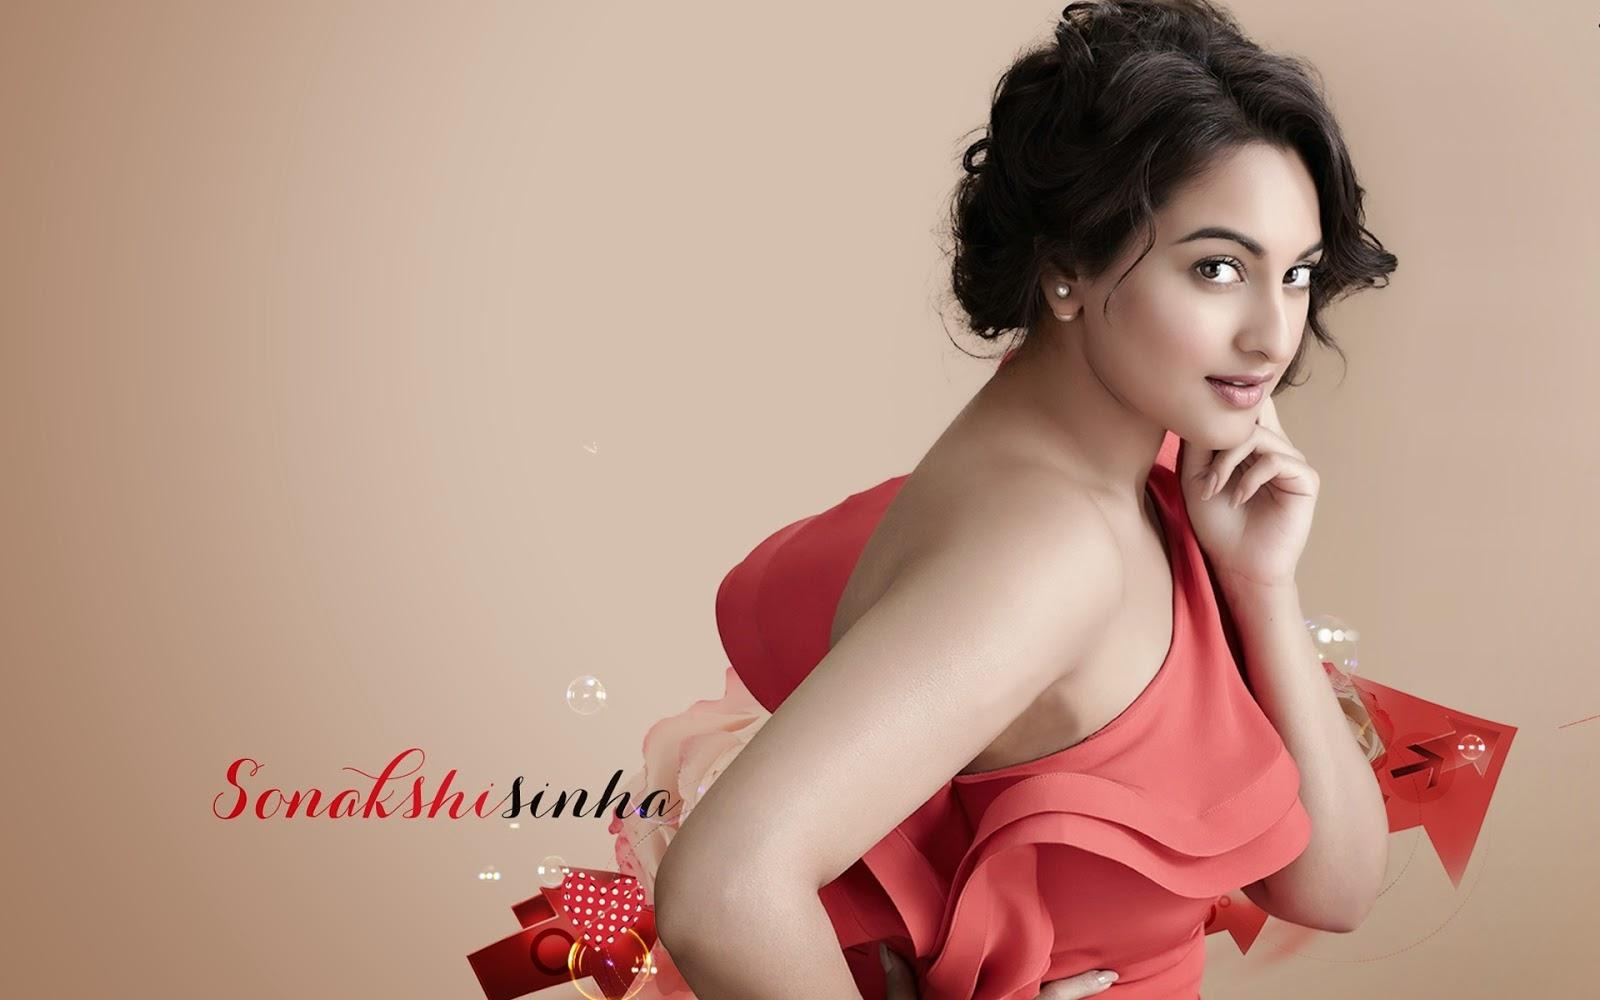 Bollywood sonakshi sinha actress red dress photos